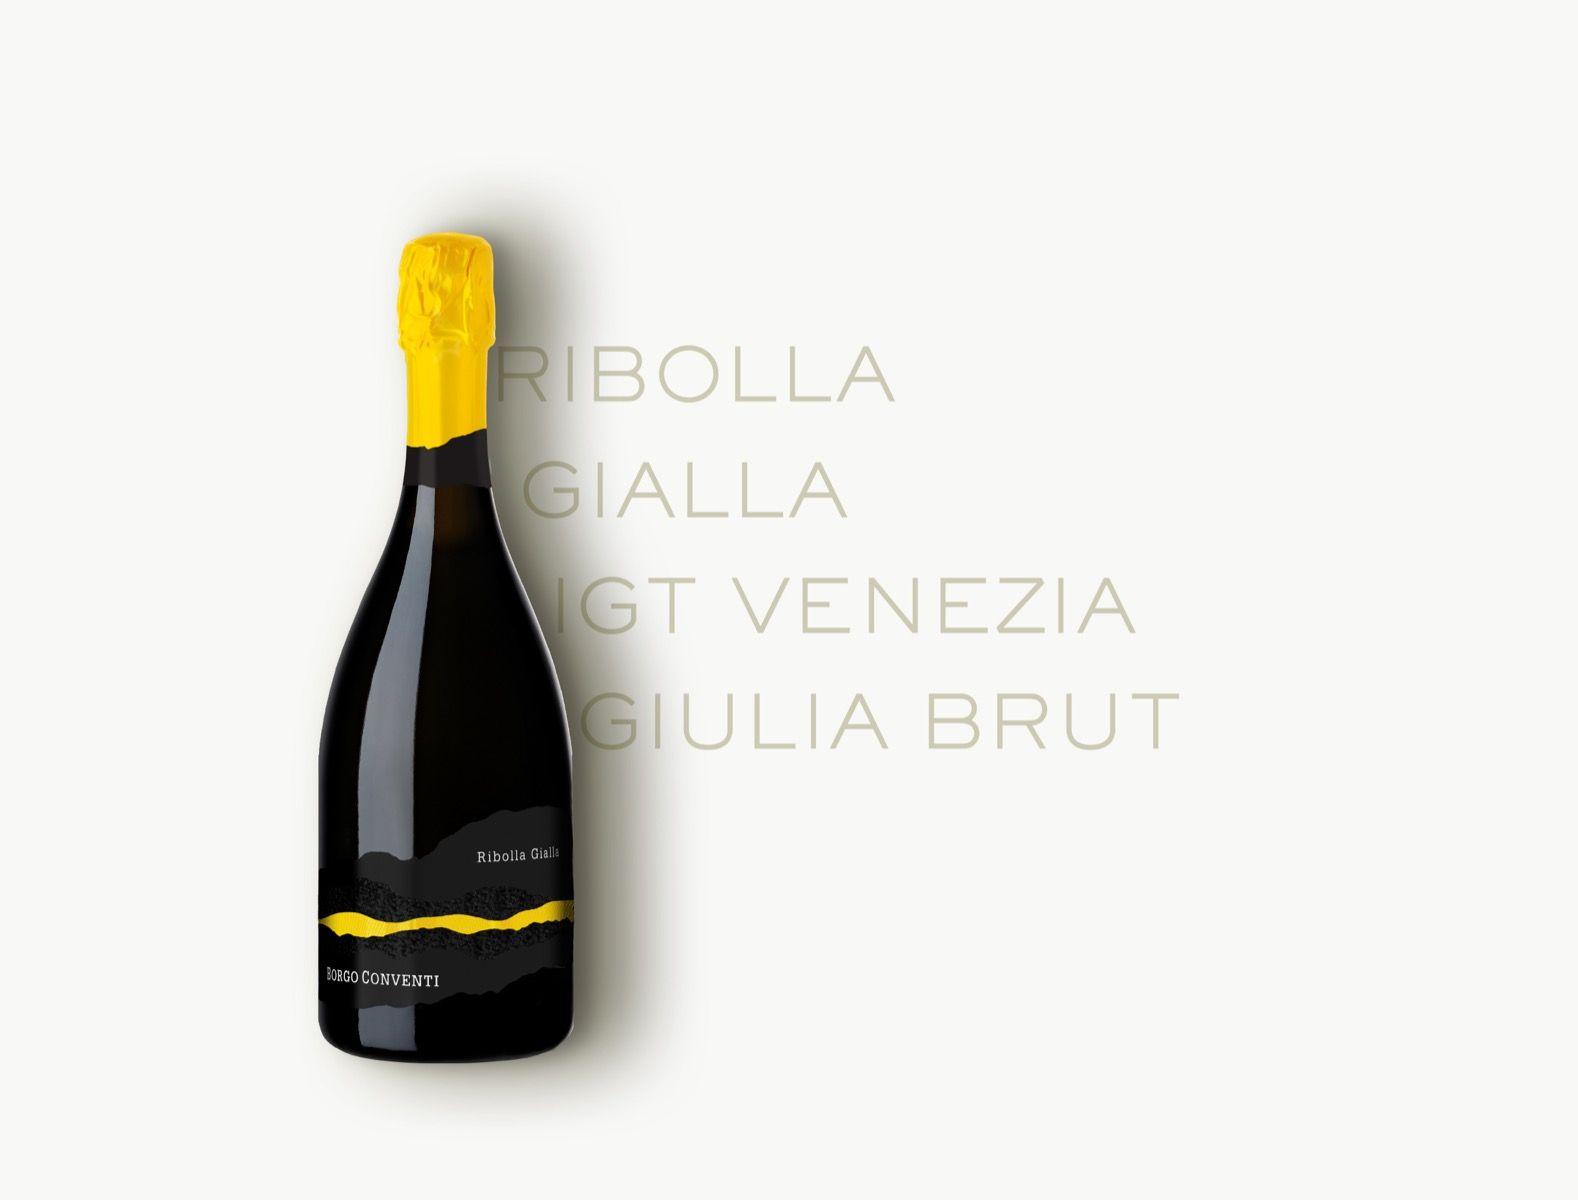 Ribolla Gialla IGT Venezia Giulia Brut